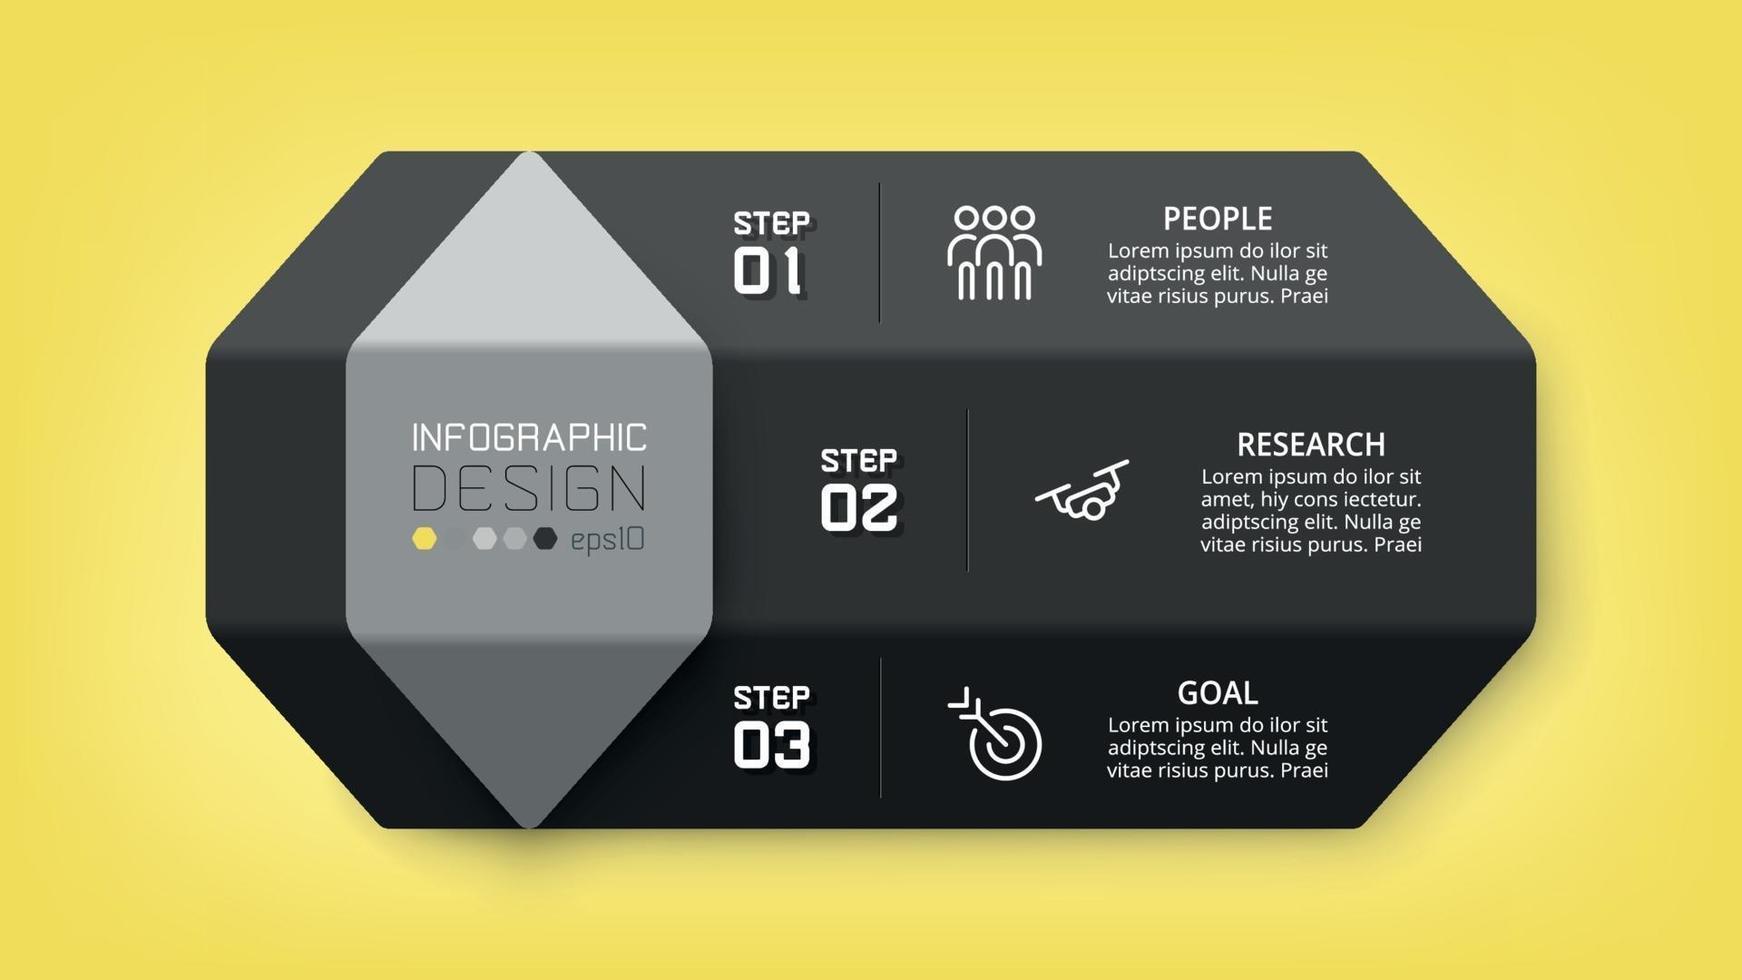 infografica design esagonale. può essere utilizzato per presentare un piano, pianificare il lavoro. vettore